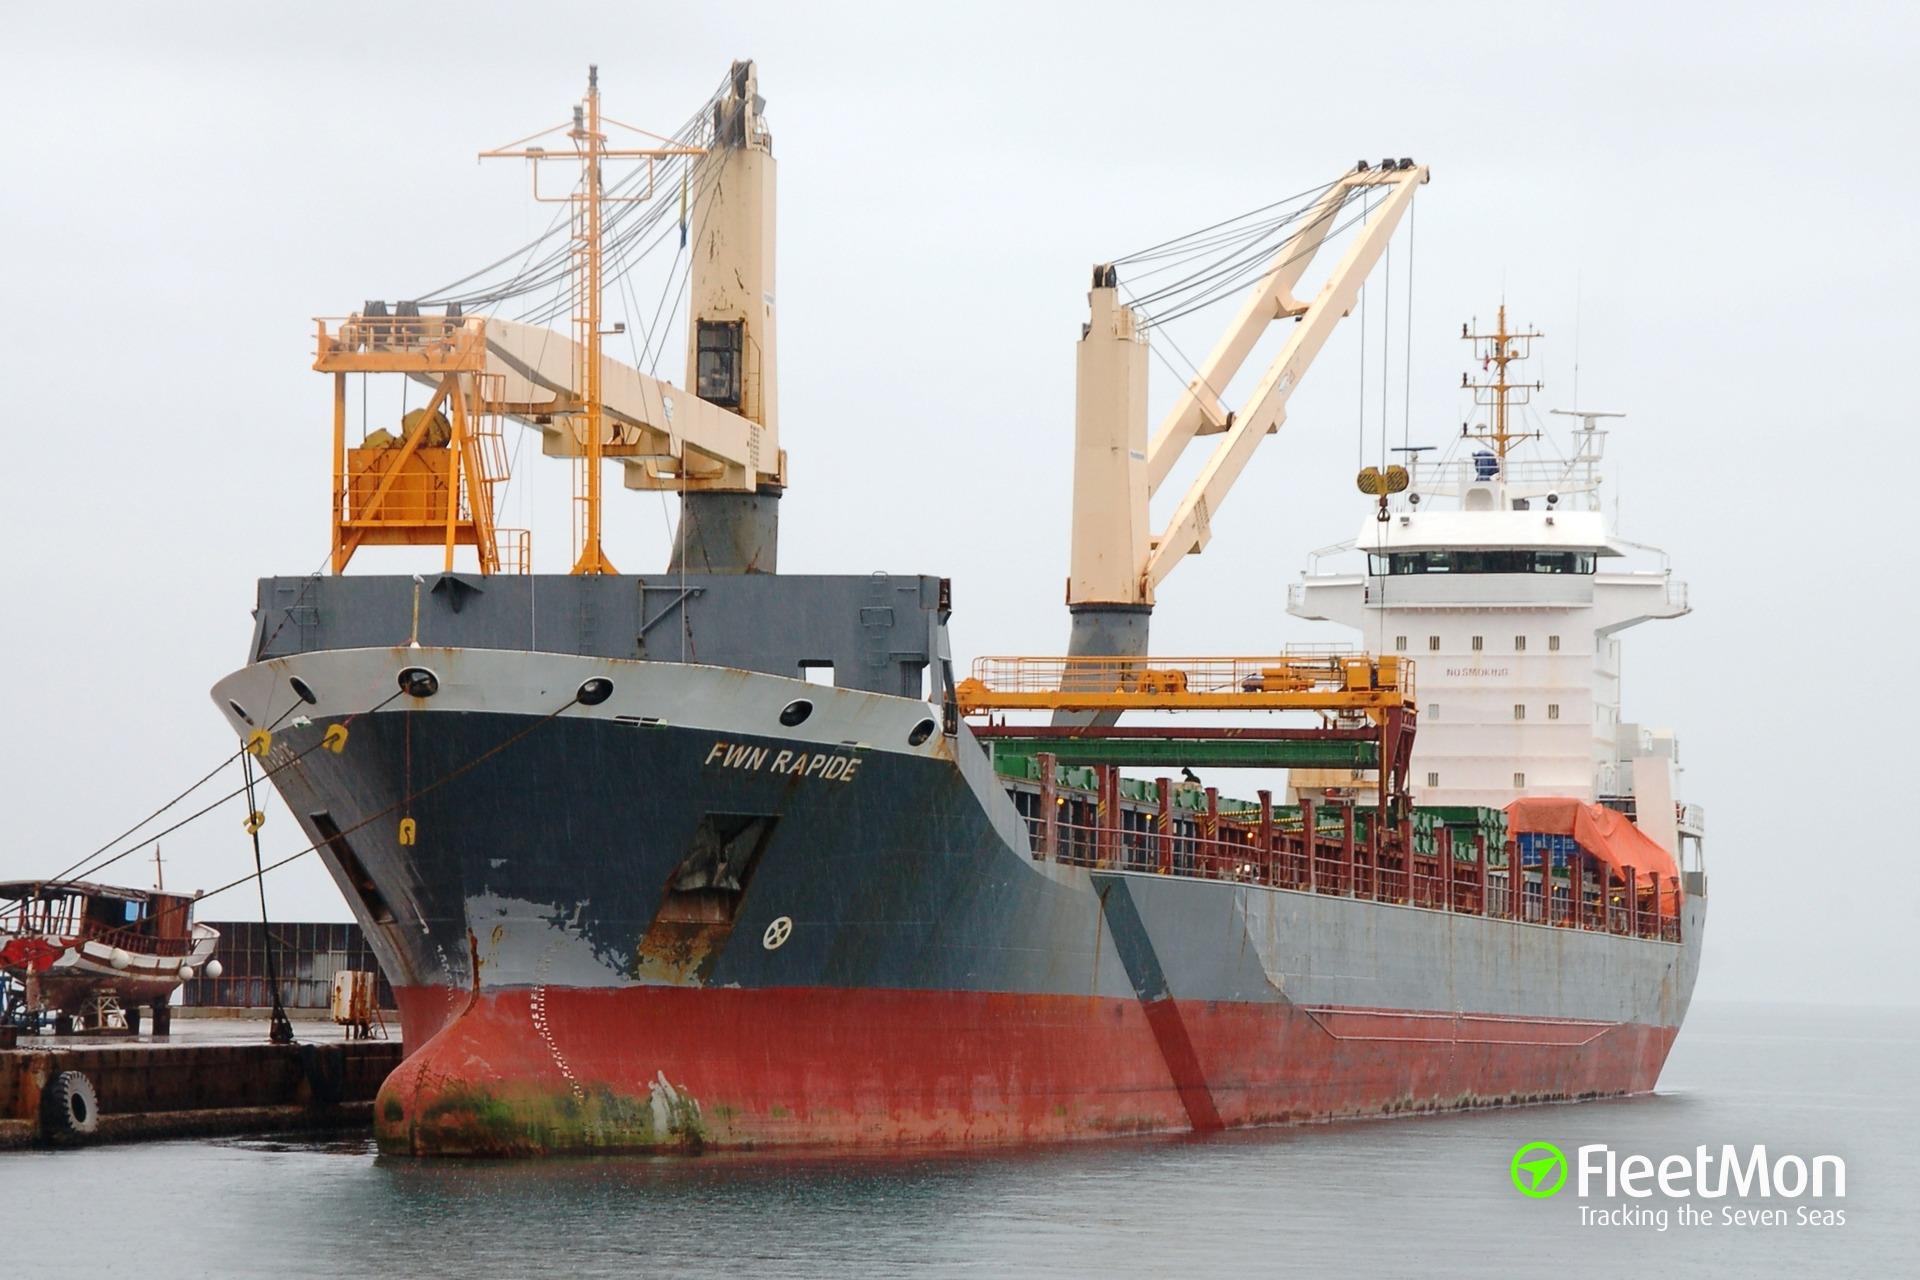 Ataque de cargueiro holandês: 1 tripulação escapou de seqüestro, encontrado